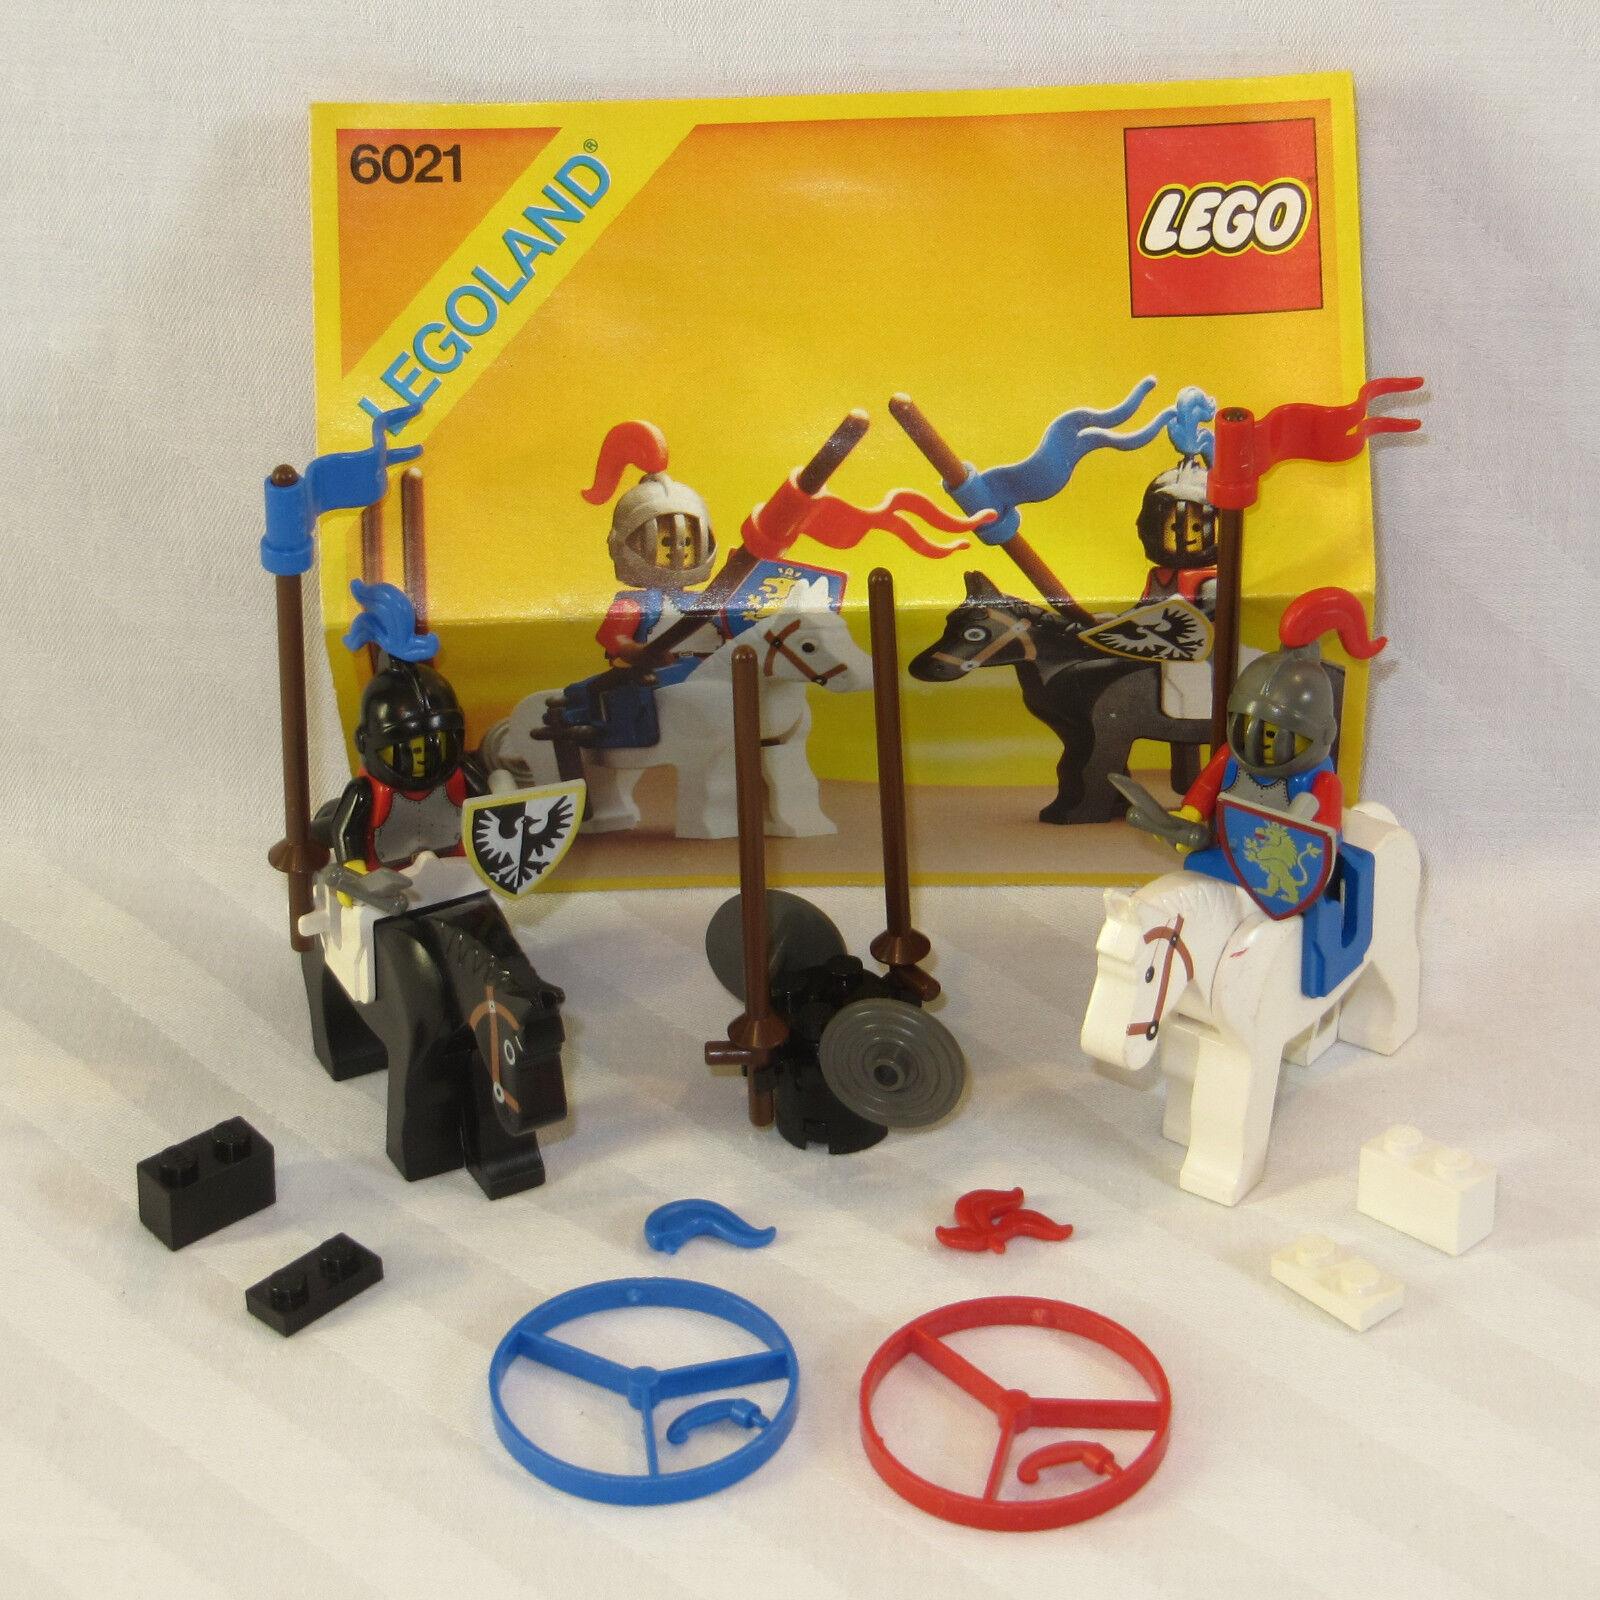 Lego 6021 Moyen  Age Chevalier tournoi (2 chevaliers + chevaux) CASTLE Jousting Knights  vendre comme des petits pains